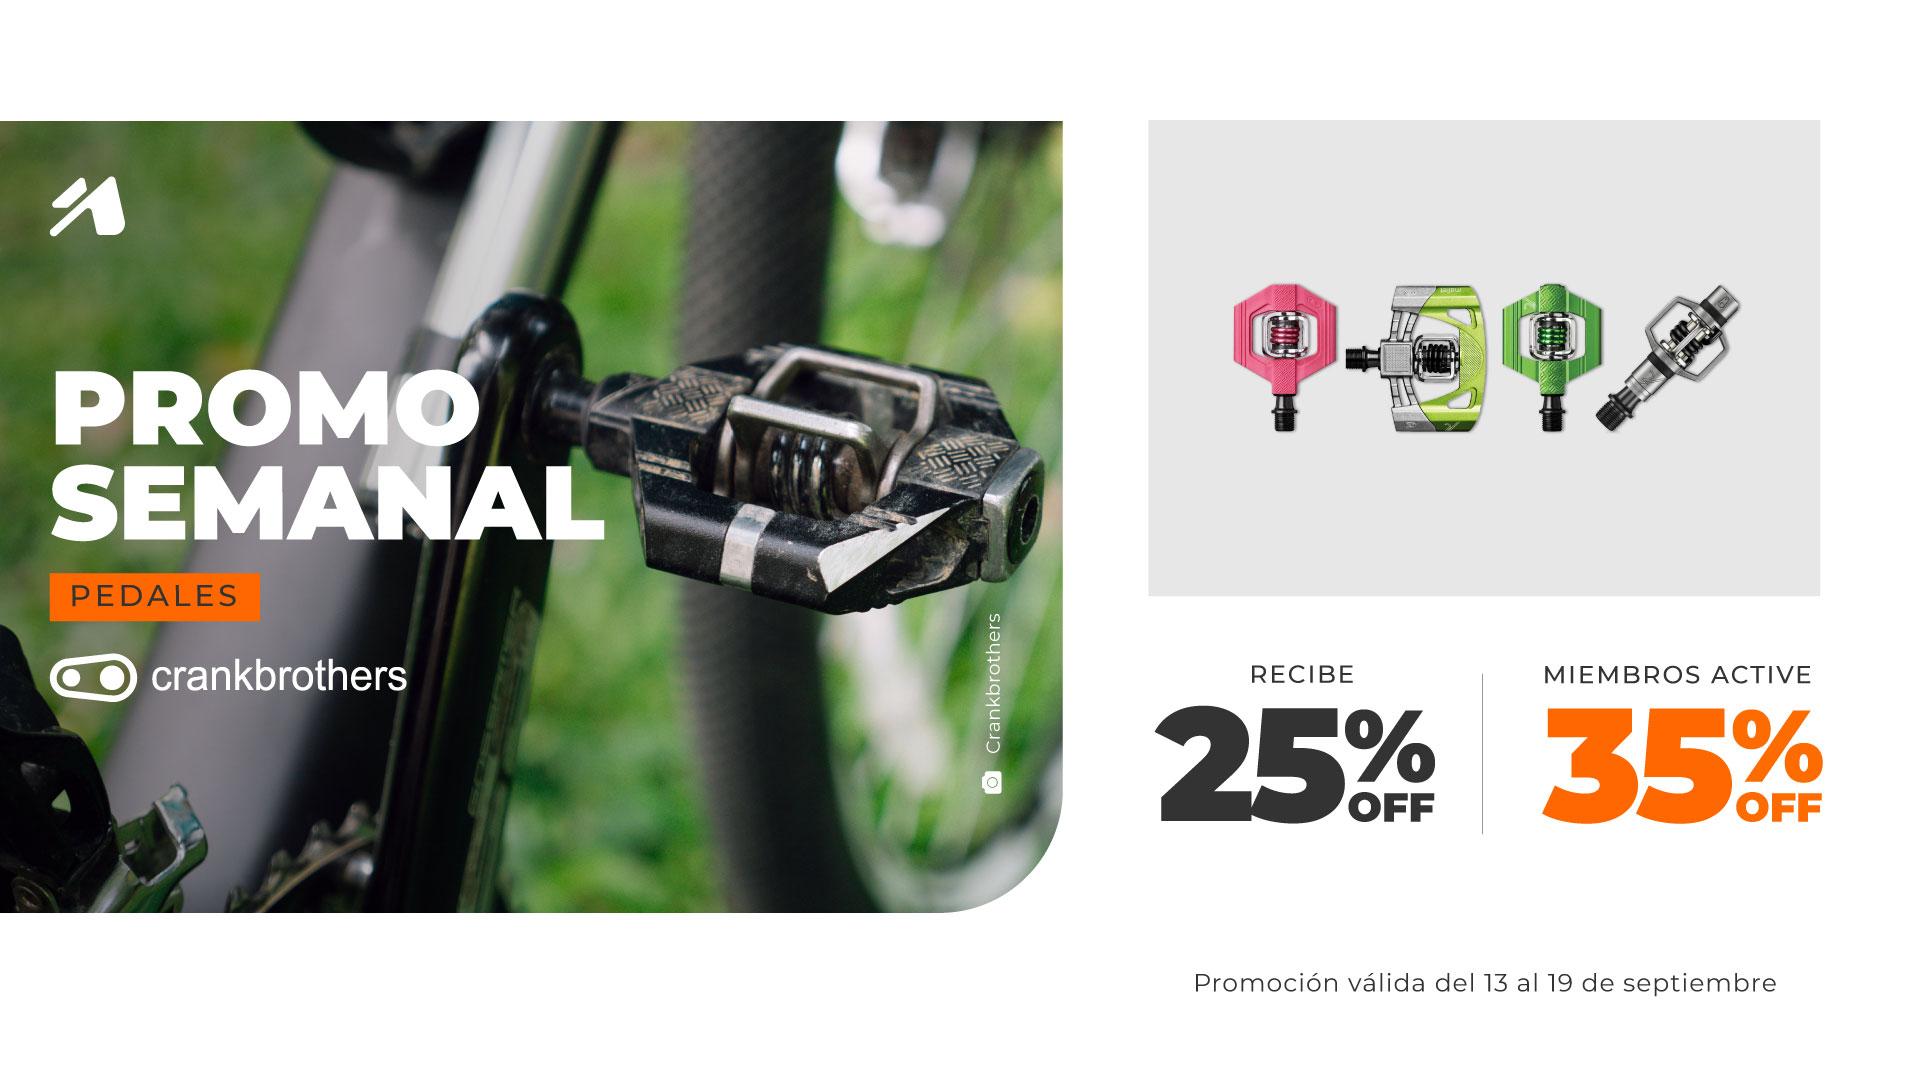 Promoción semanal Ecuador: pedales para bicicletas de Crankbrothers.